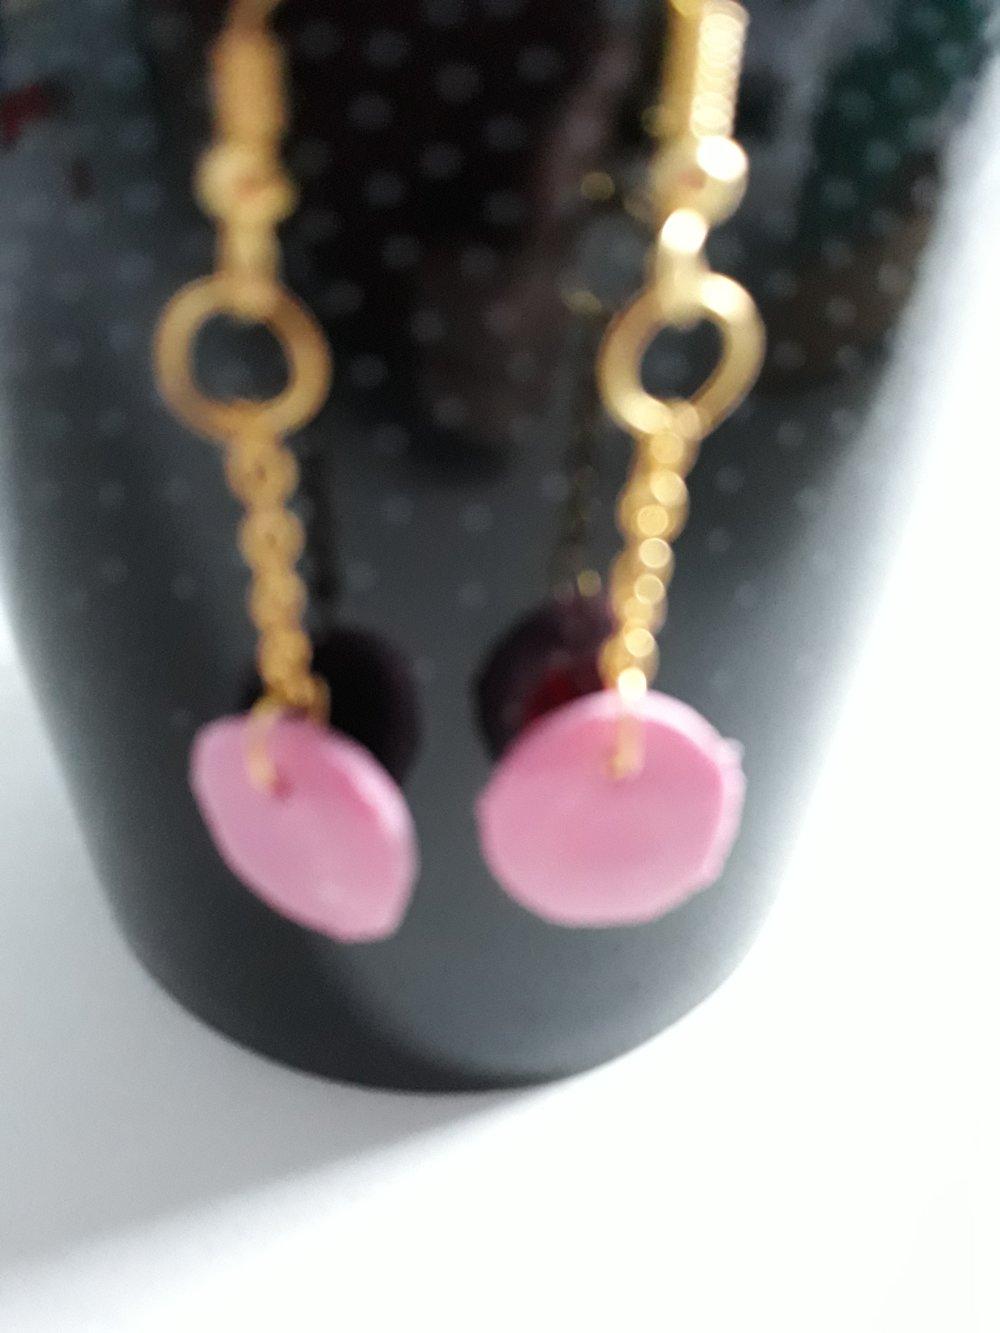 Une paire de boucles d'oreilles avec crochets d'oreilles en métal dorées